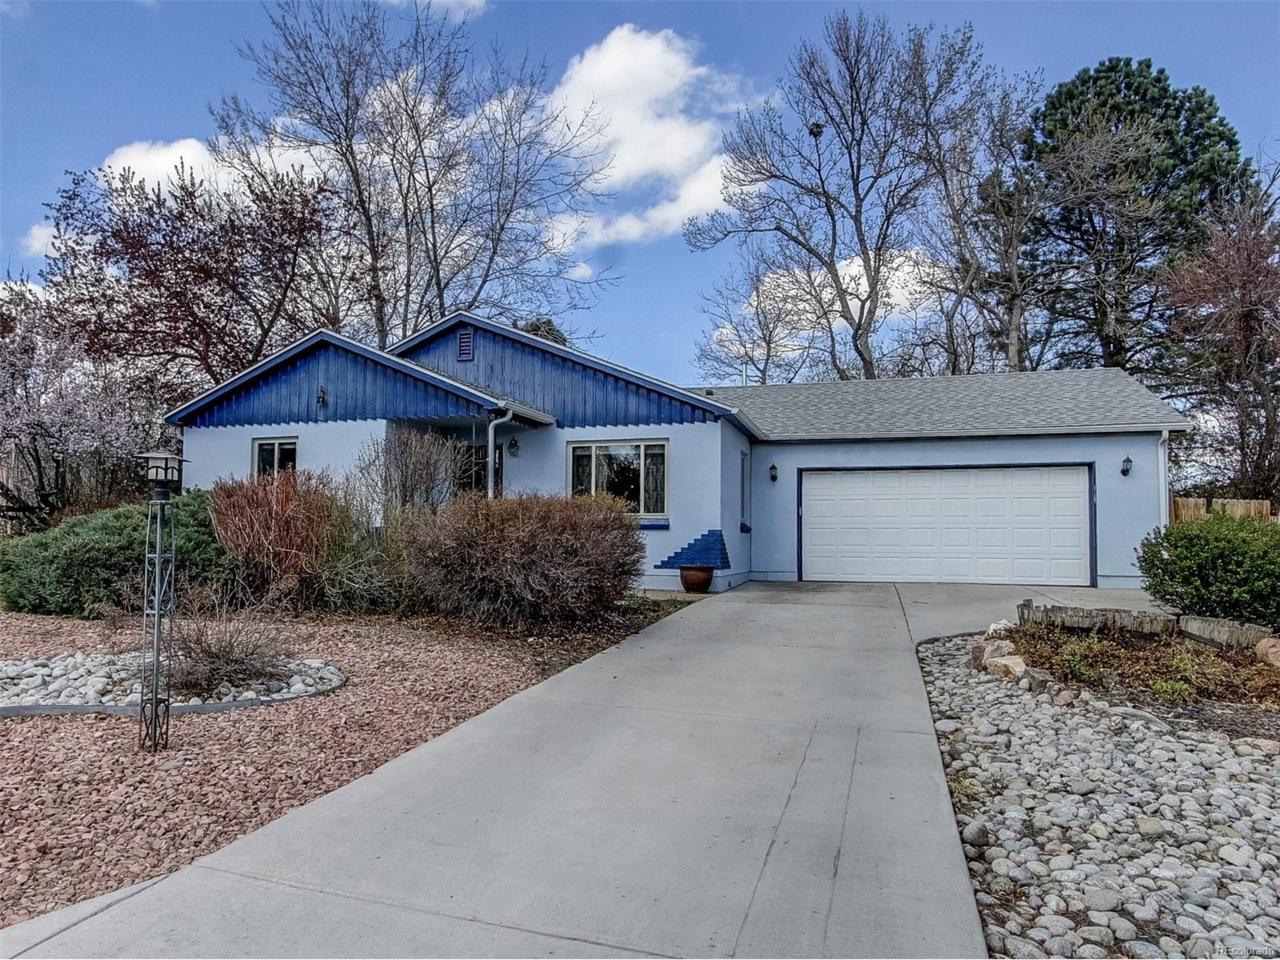 7105 W 27th Avenue, Wheat Ridge, CO 80033 (MLS #3091379) :: 8z Real Estate